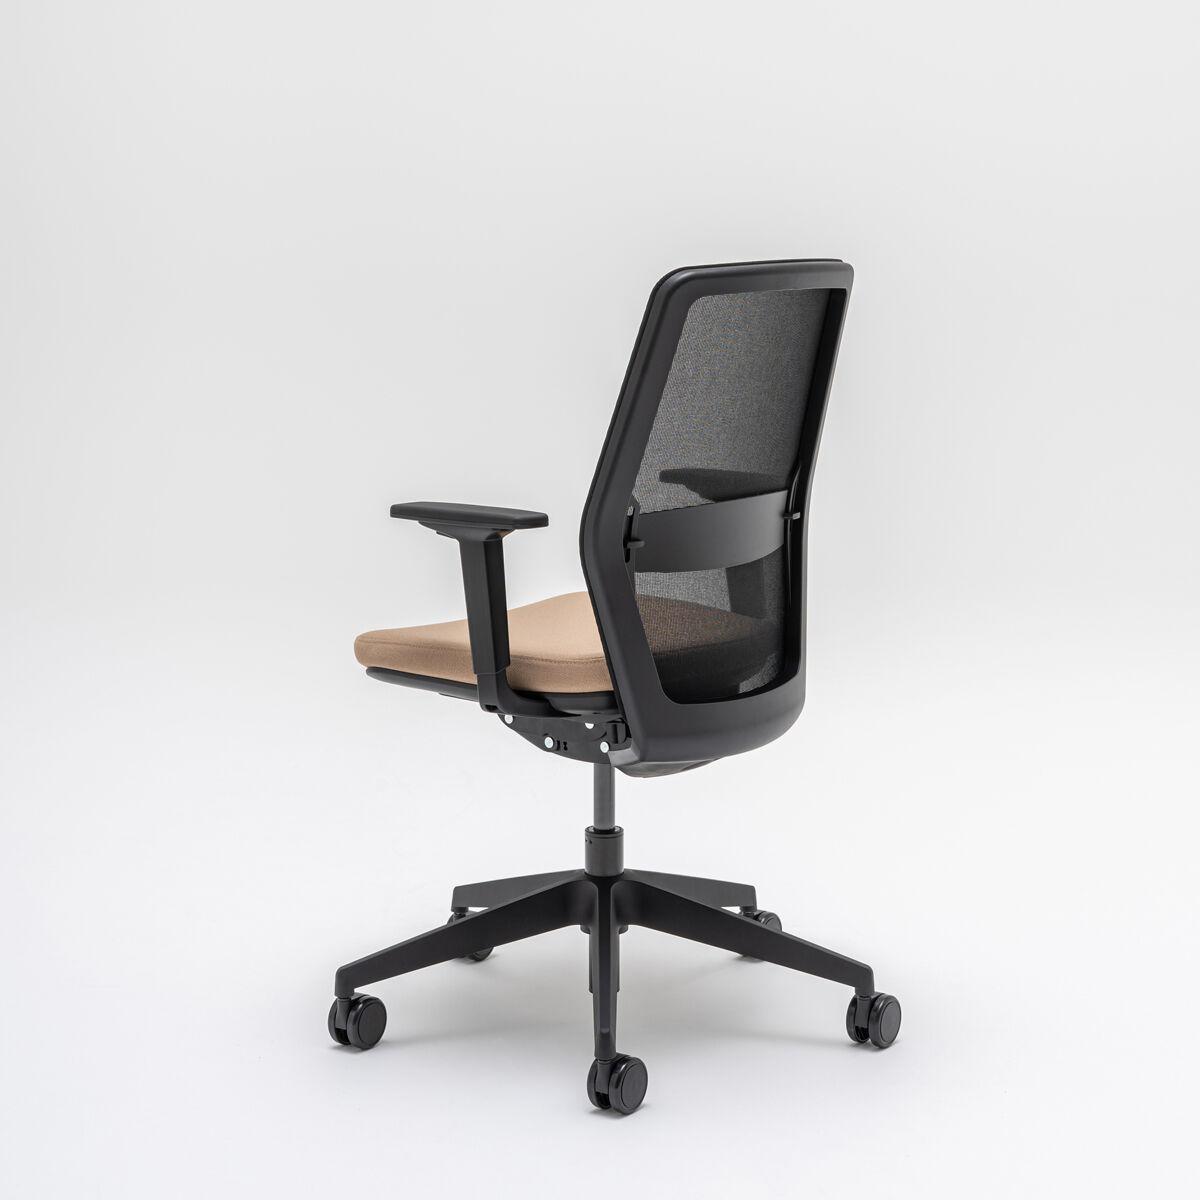 scaun ergonomic mesh birou